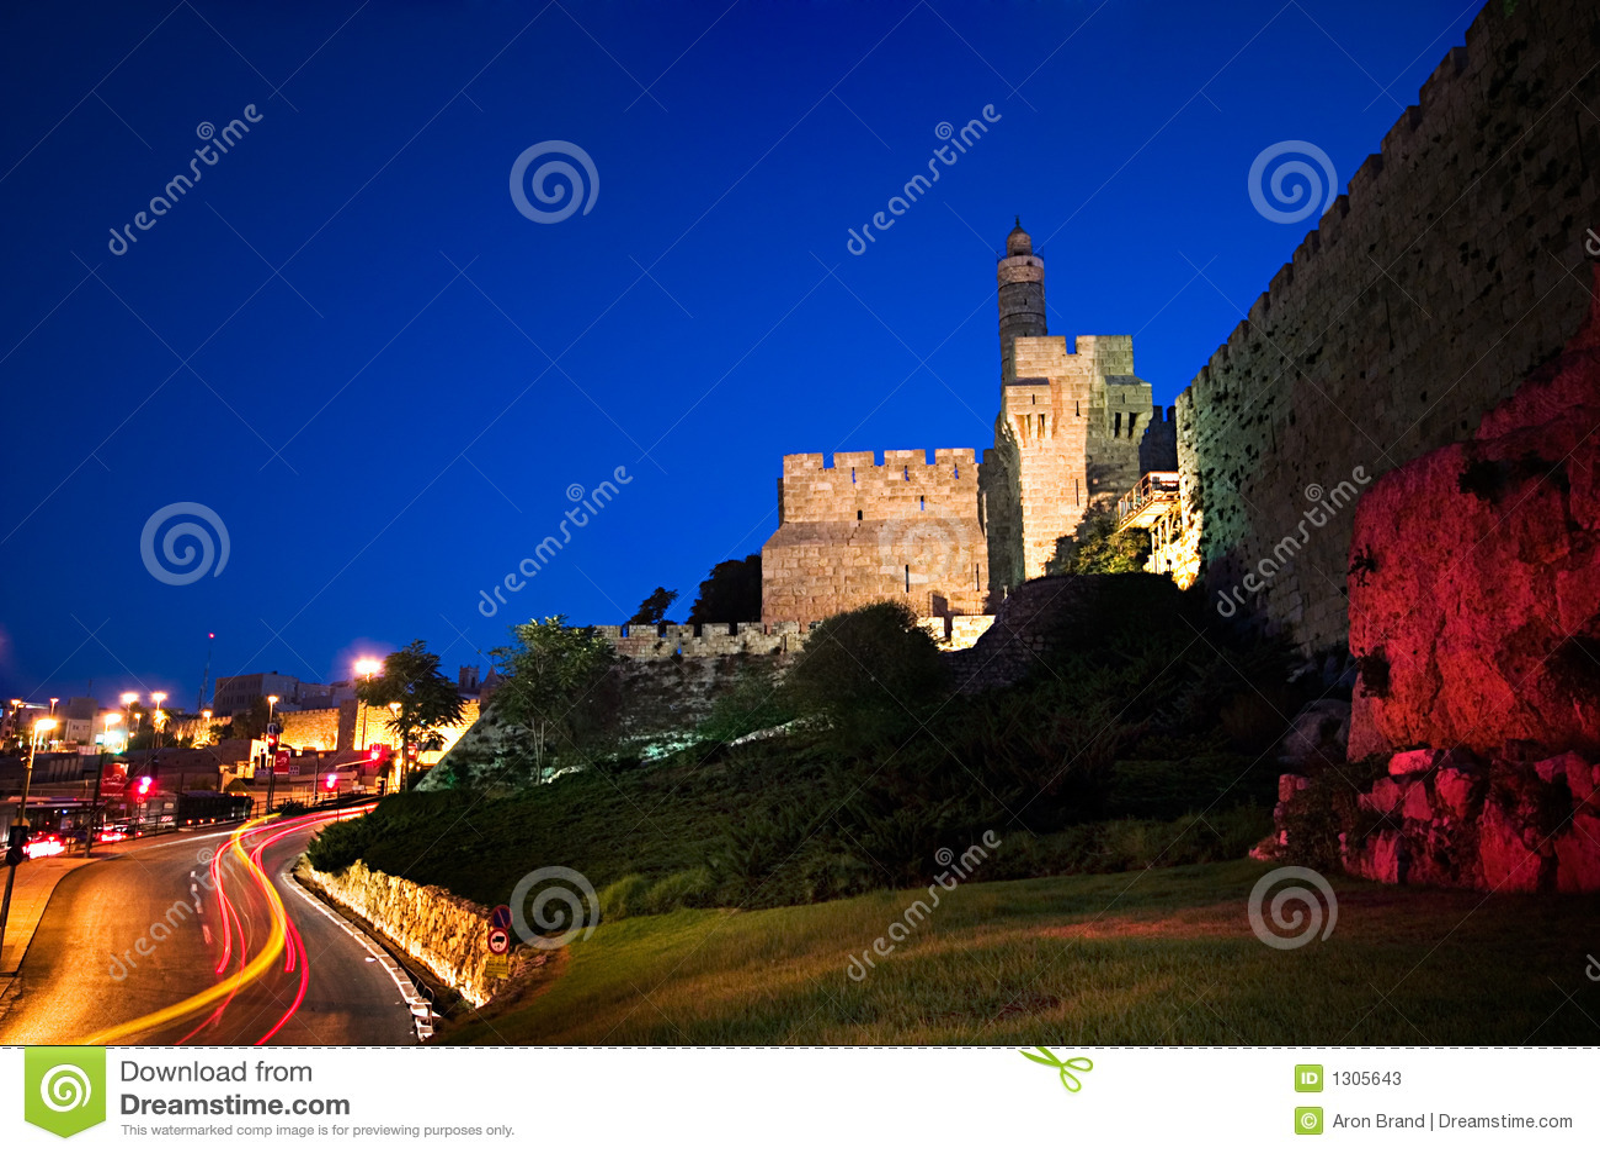 Prière juive, prière du matin bénédictions de l'aube La-tour-de-david-vieux-murs-de-ville-%C3%A0-l-aube-j%C3%A9rusalem-1305643